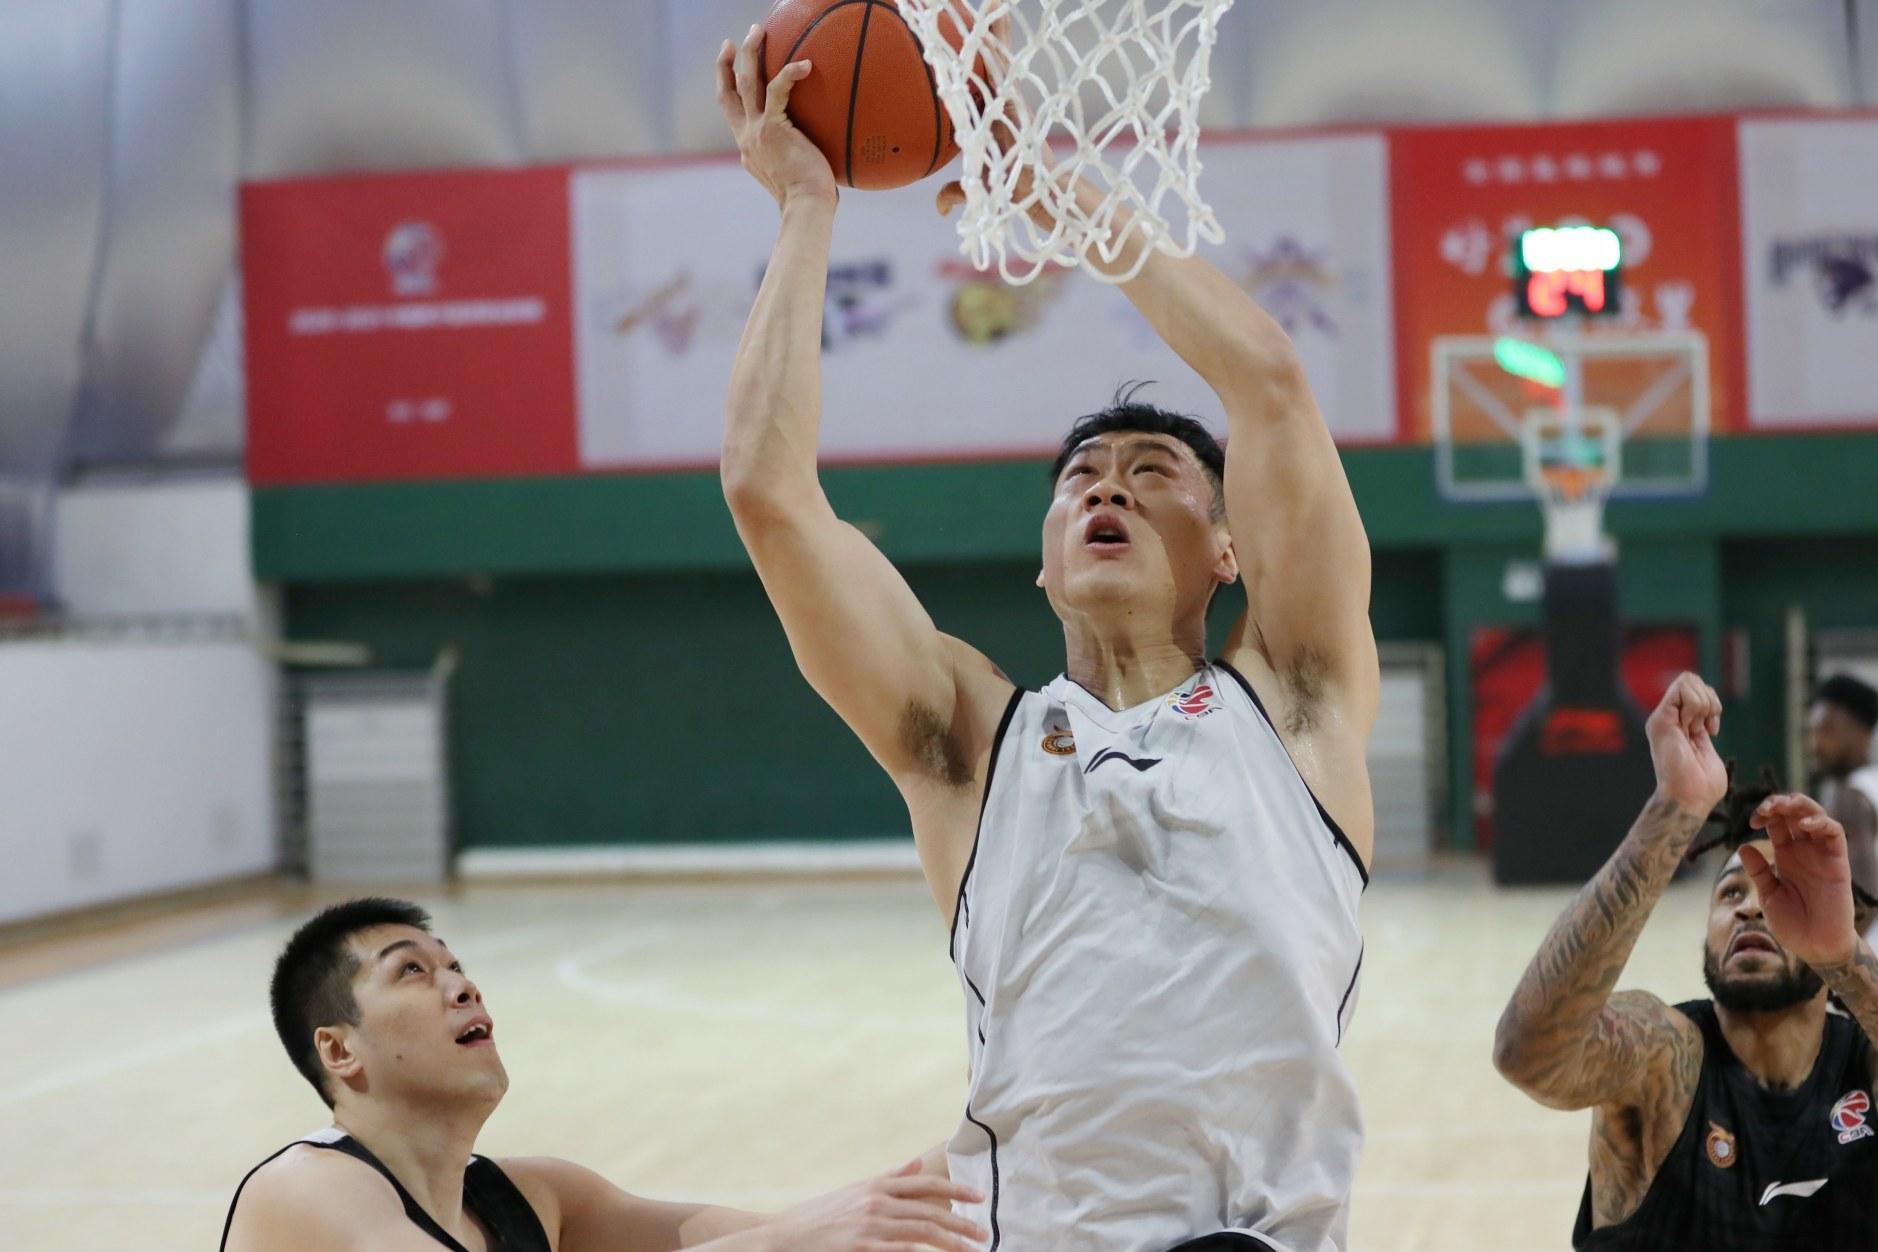 前山东男篮队长31岁过上老将生活,单场15分后很快陷入困境